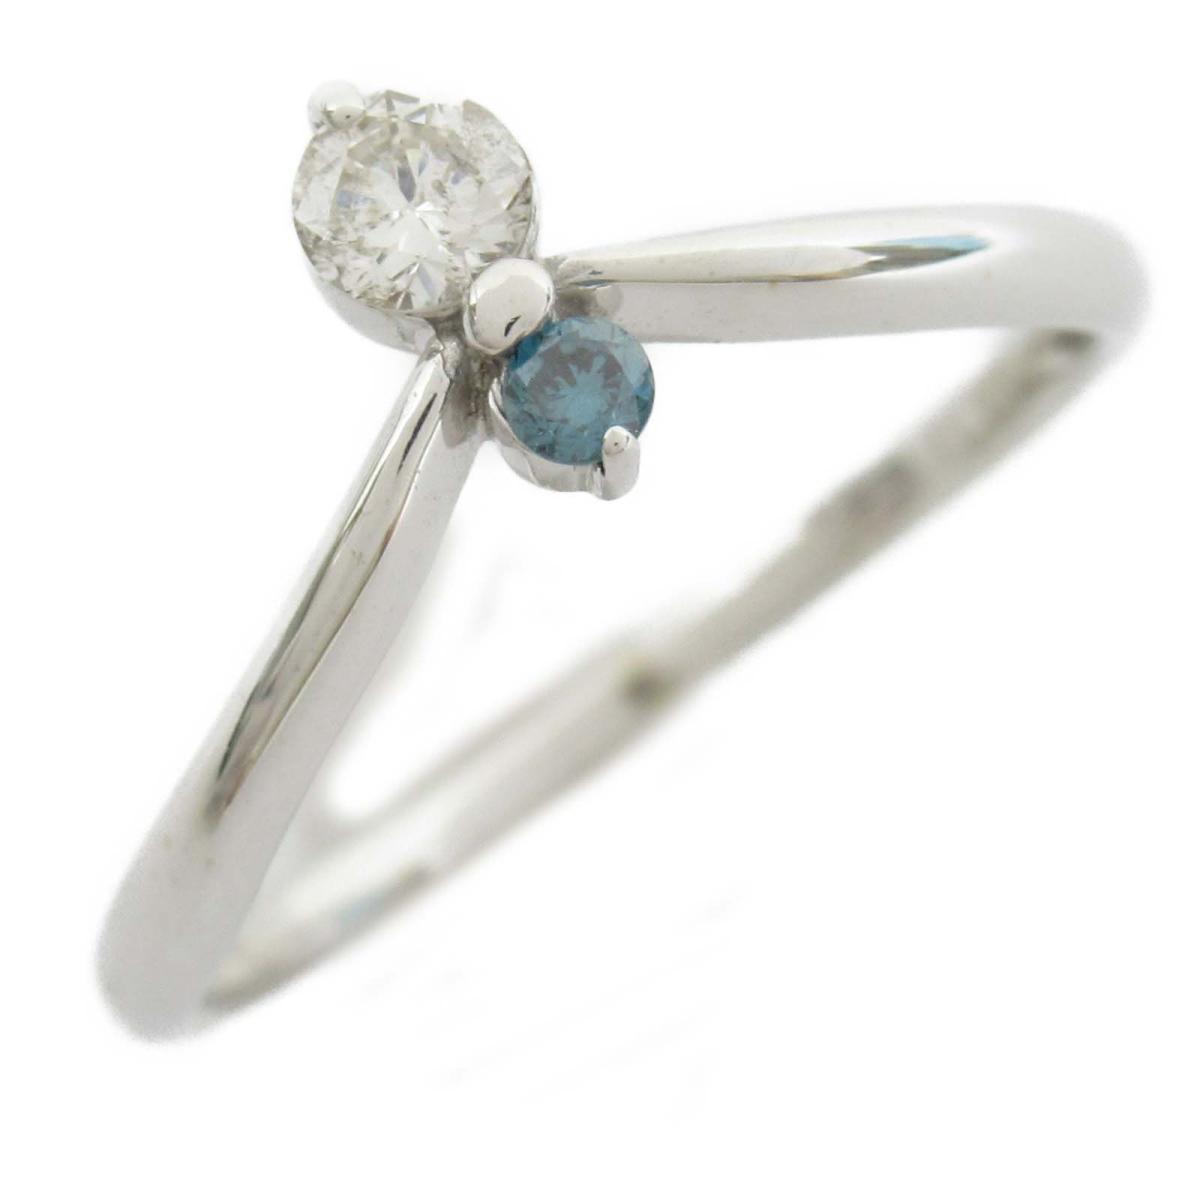 【中古】ジュエリー ブルーダイヤ ダイヤモンド リング 指輪 ノーブランドジュエリー レディース 18Kホワイトゴールド x ダイヤモンド0.15CT